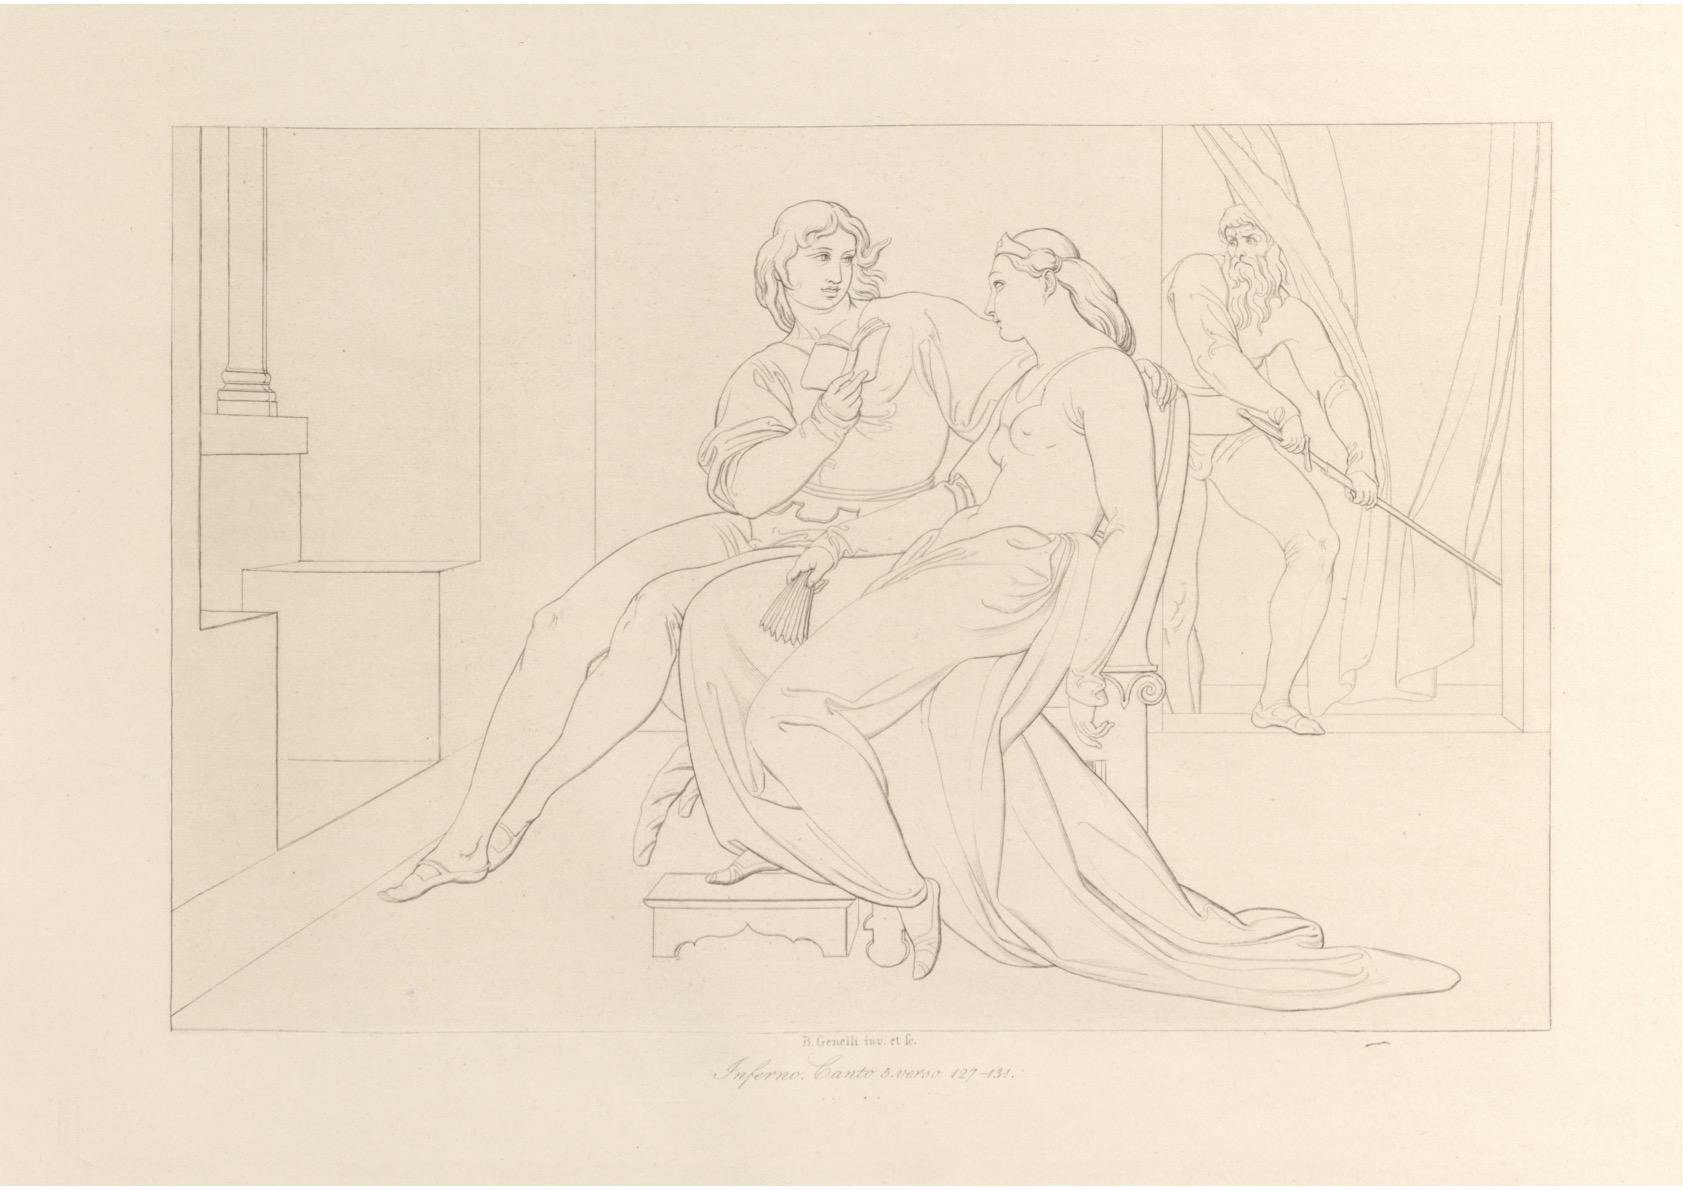 <p>fig. 7 Bonaventura Genelli,&nbsp;<em>Contorni sulla Divina Commedia di Dante</em></p>